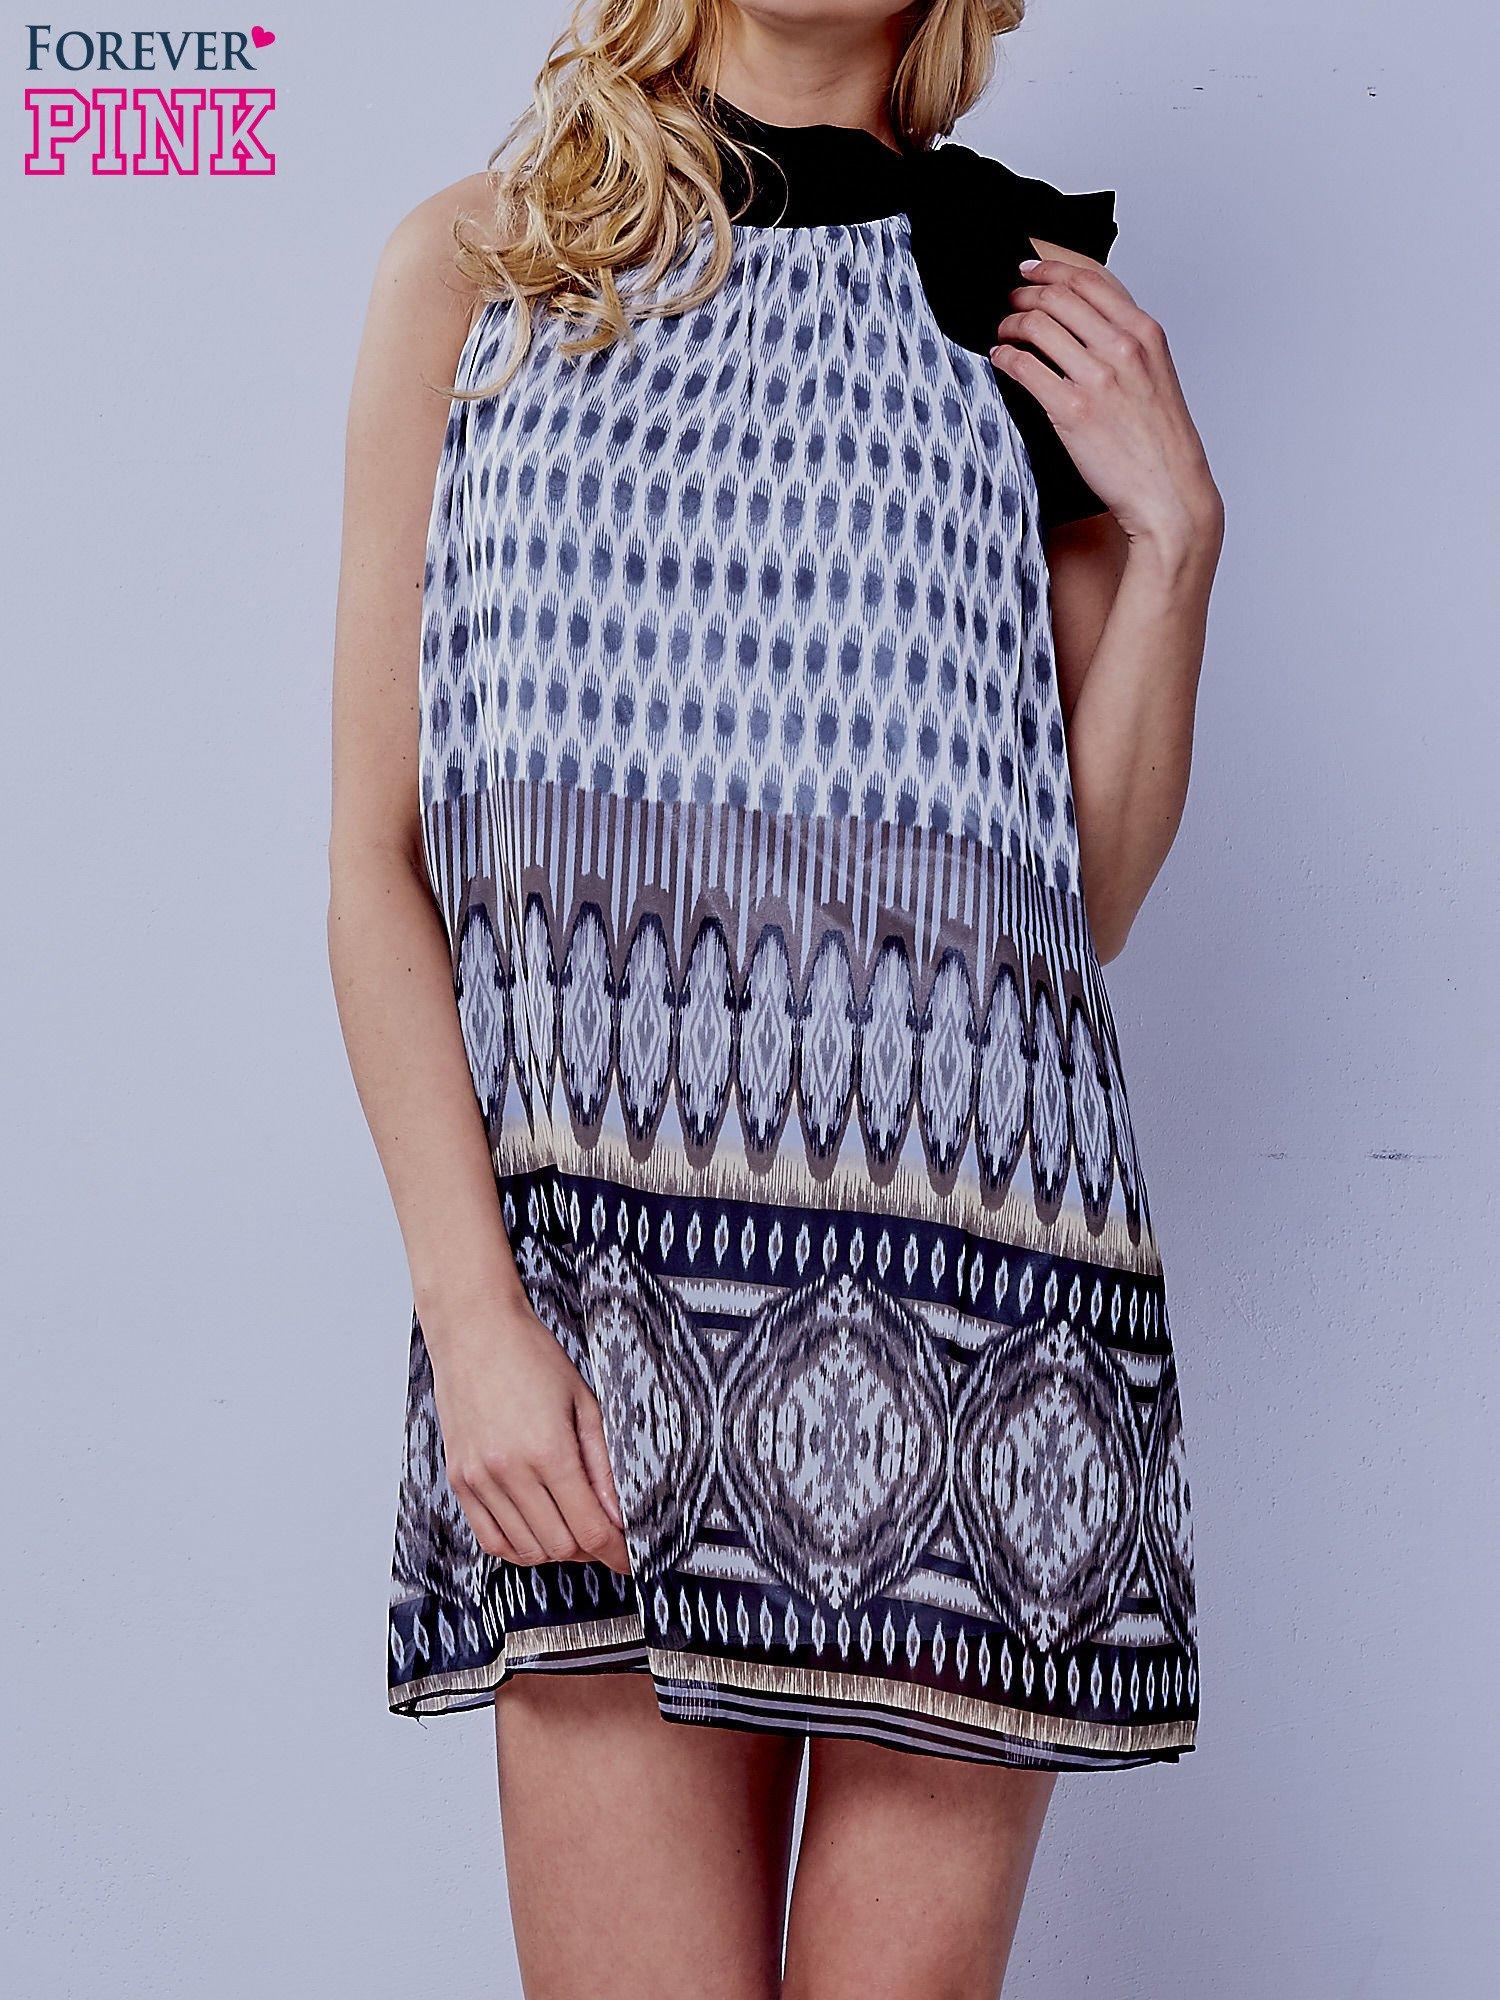 Szara wzorzysta sukienka wiązana na szyi na wstążkę                                  zdj.                                  1